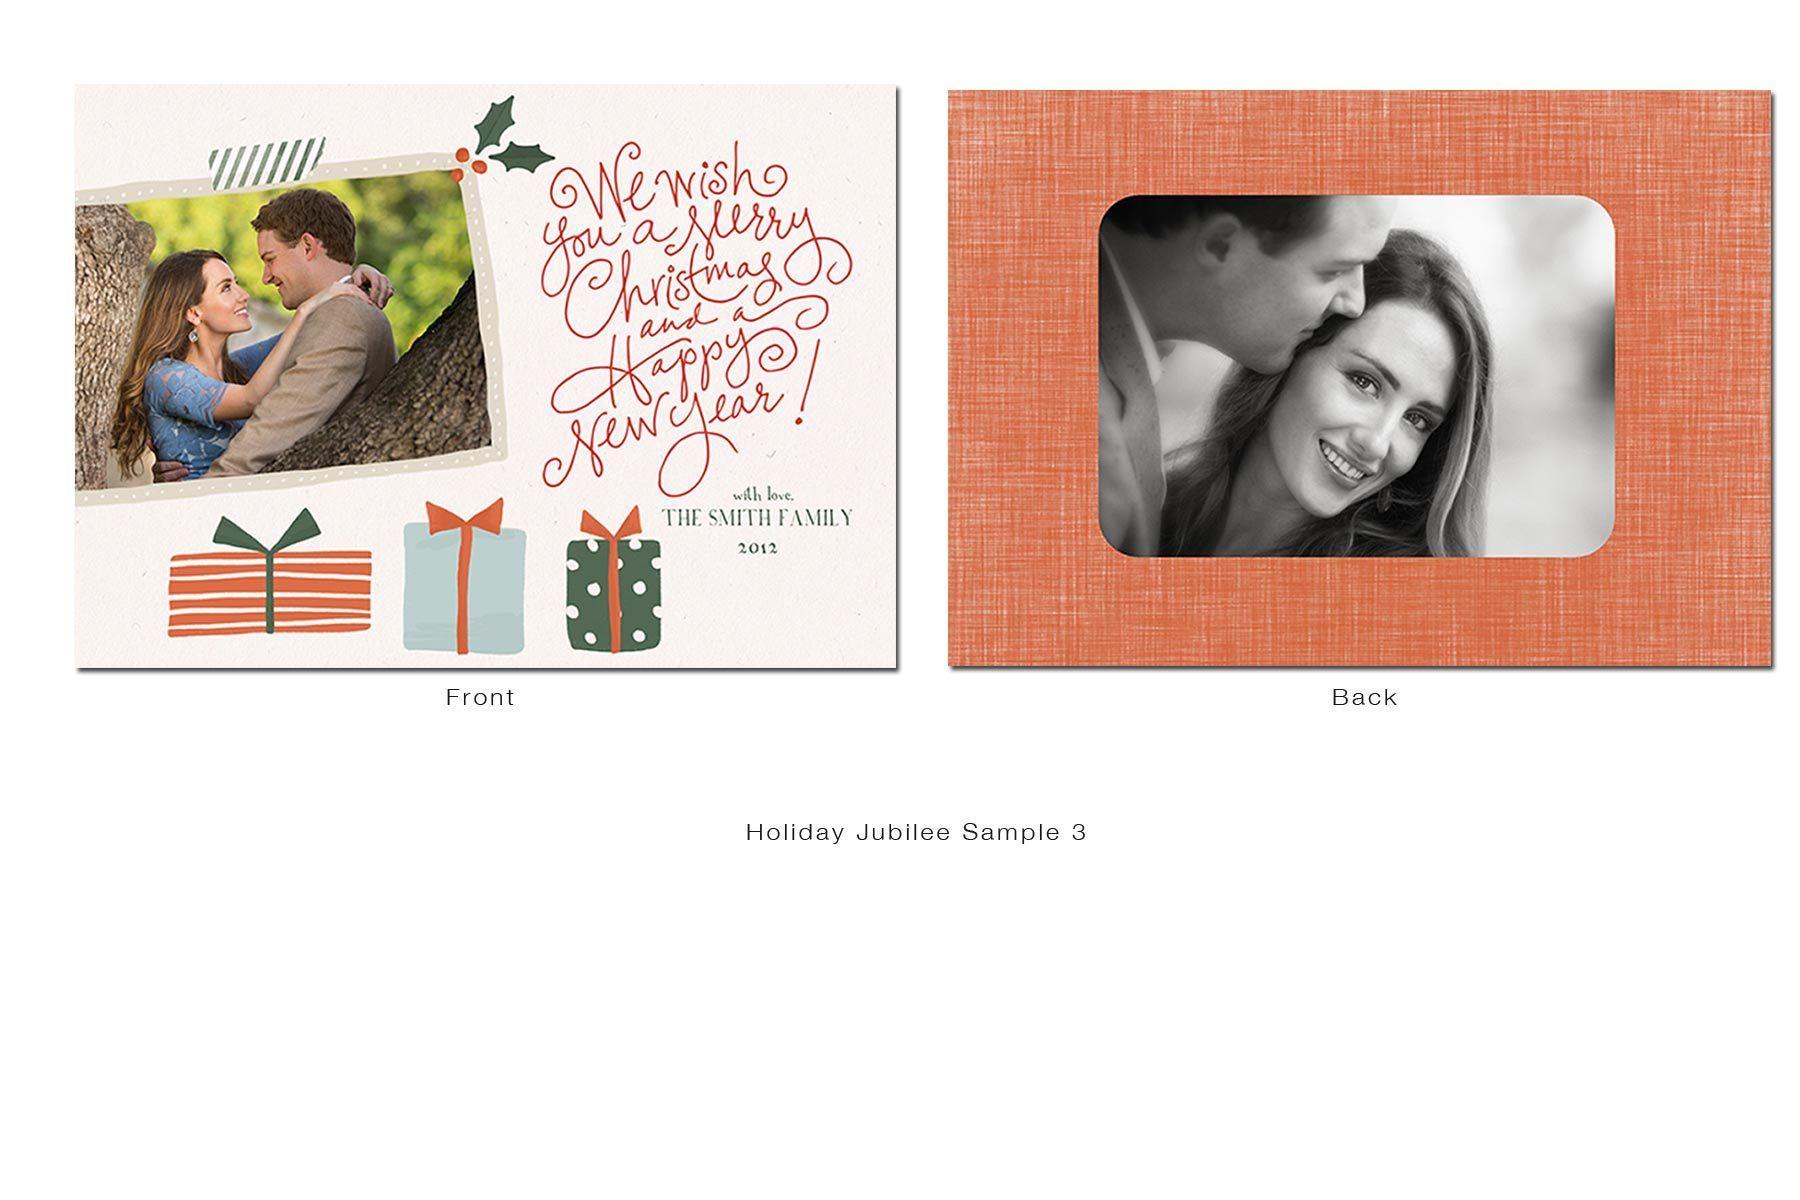 1holiday_jubilee_sample_3.jpg